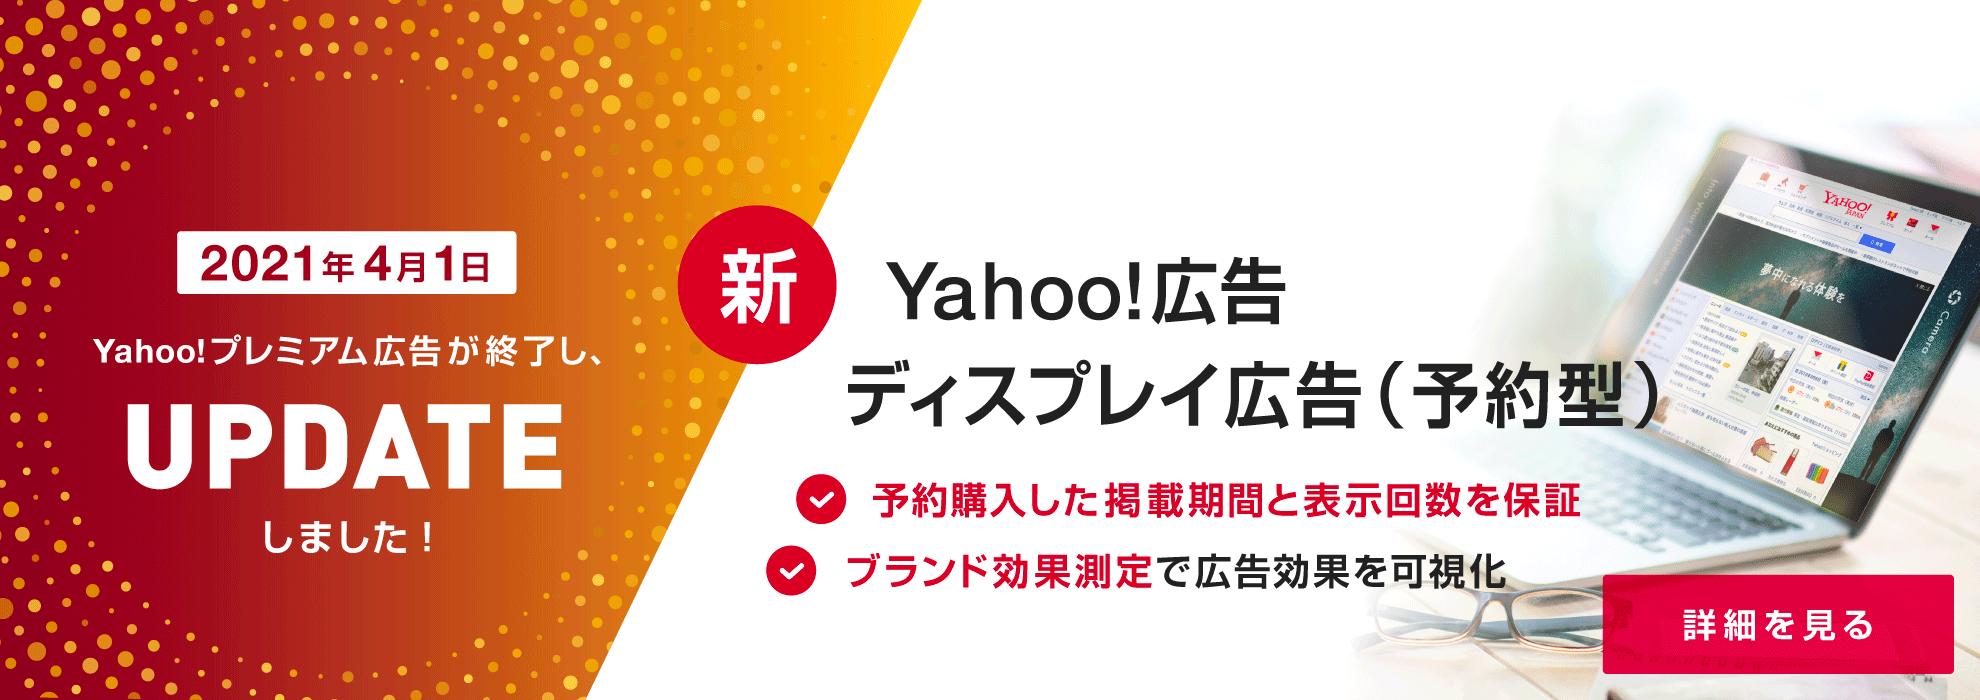 Yahoo! JAPANが考えるWithコロナ時代のデジタルマーケティング